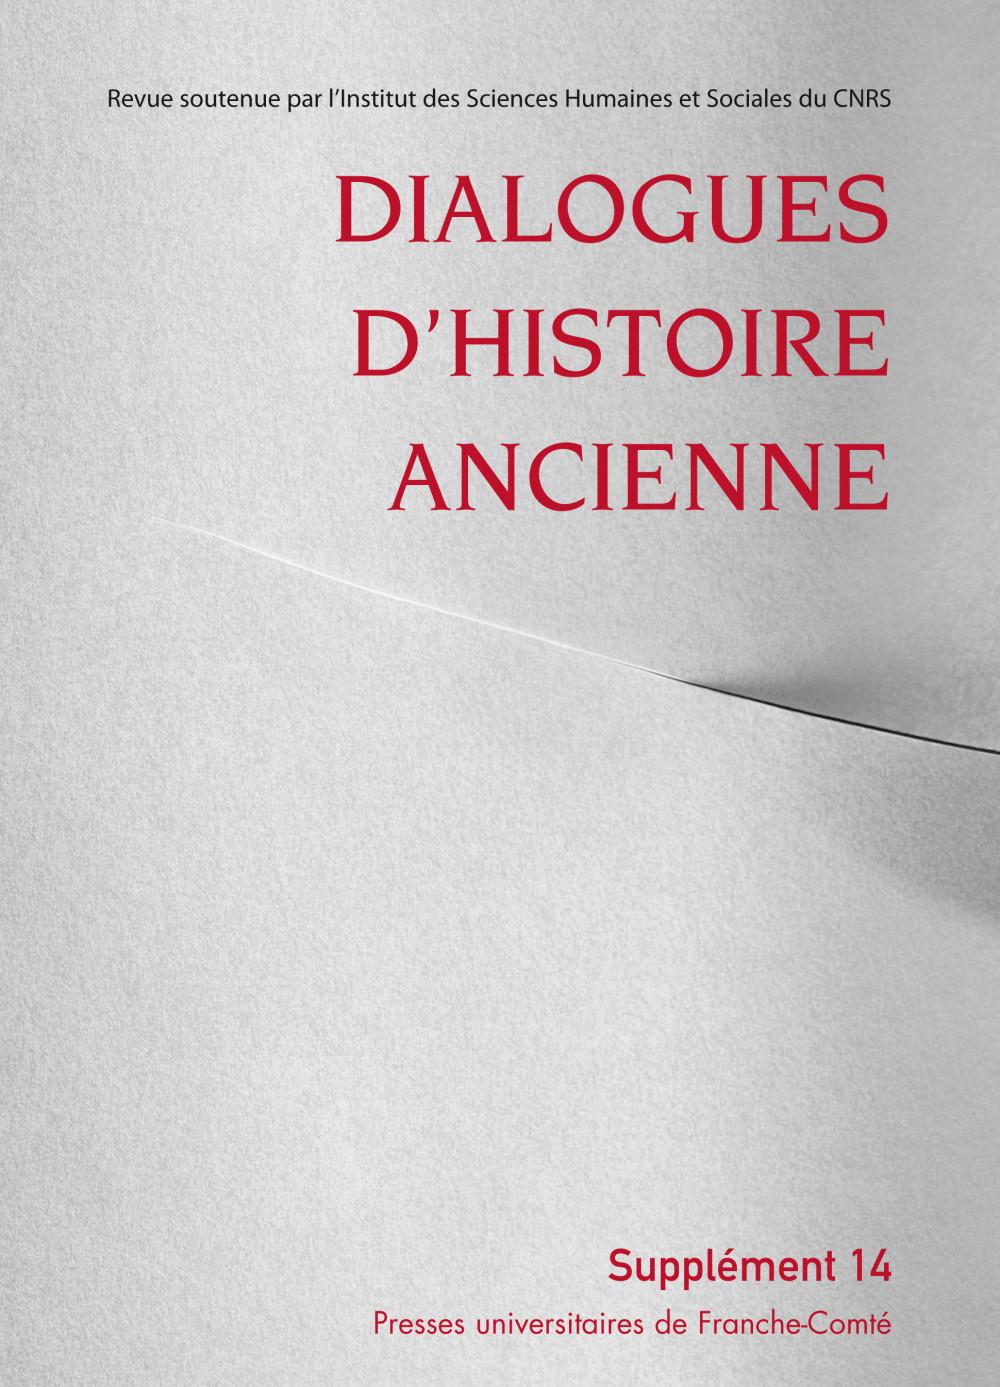 Dialogues d'histoire ancienne, supplément 14